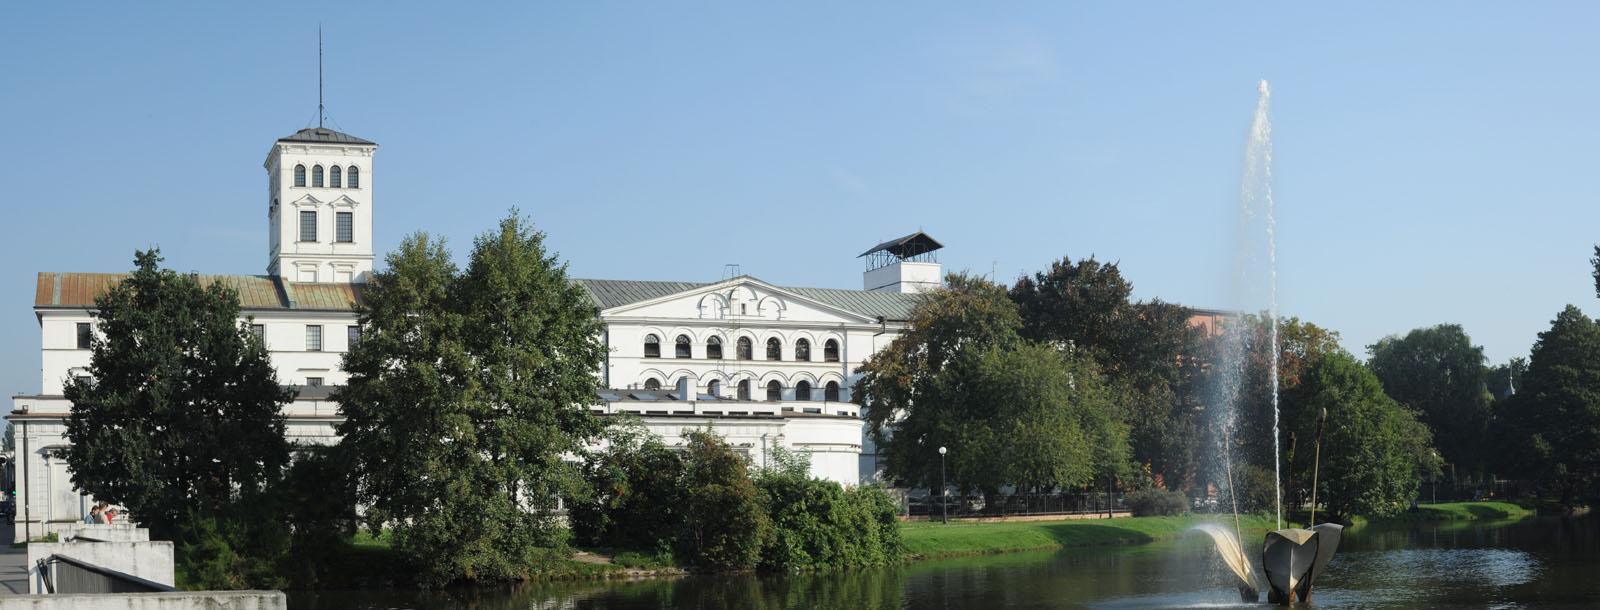 Muzeum Włókiennictwa w Łodzi – fabryka dla konesera